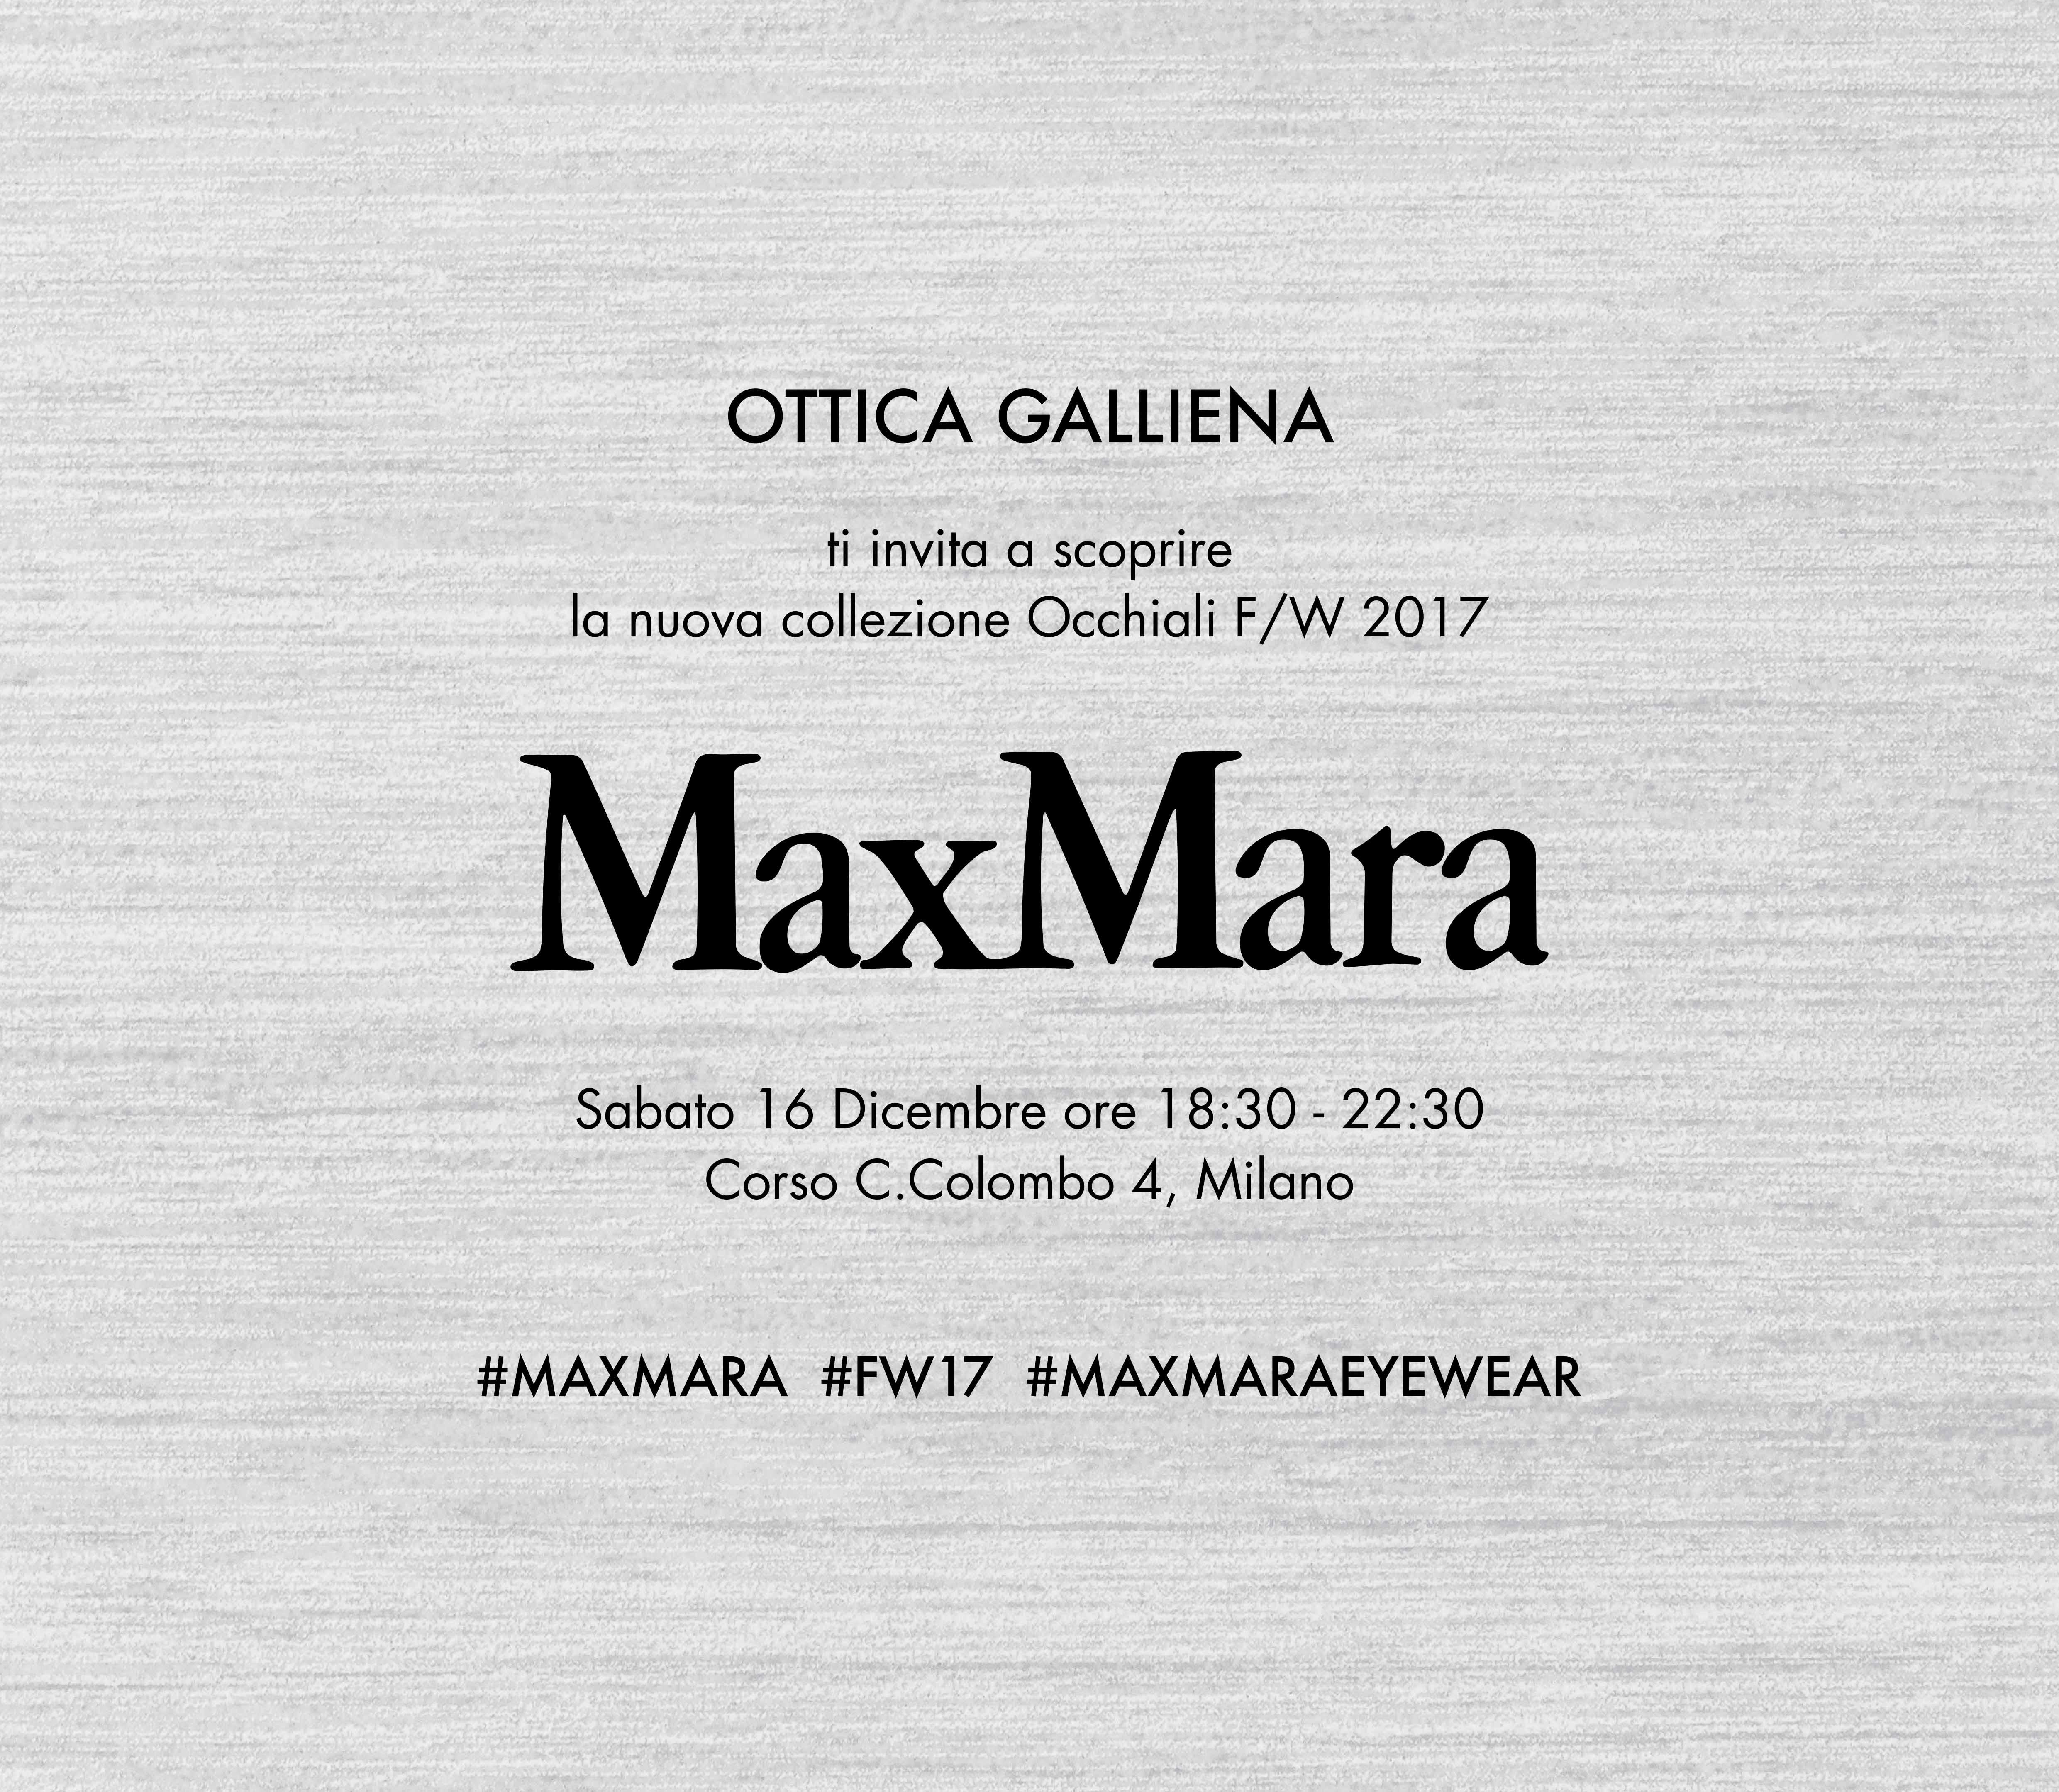 e-vite_MAX MARA_FW_OTTICA GALLIENA